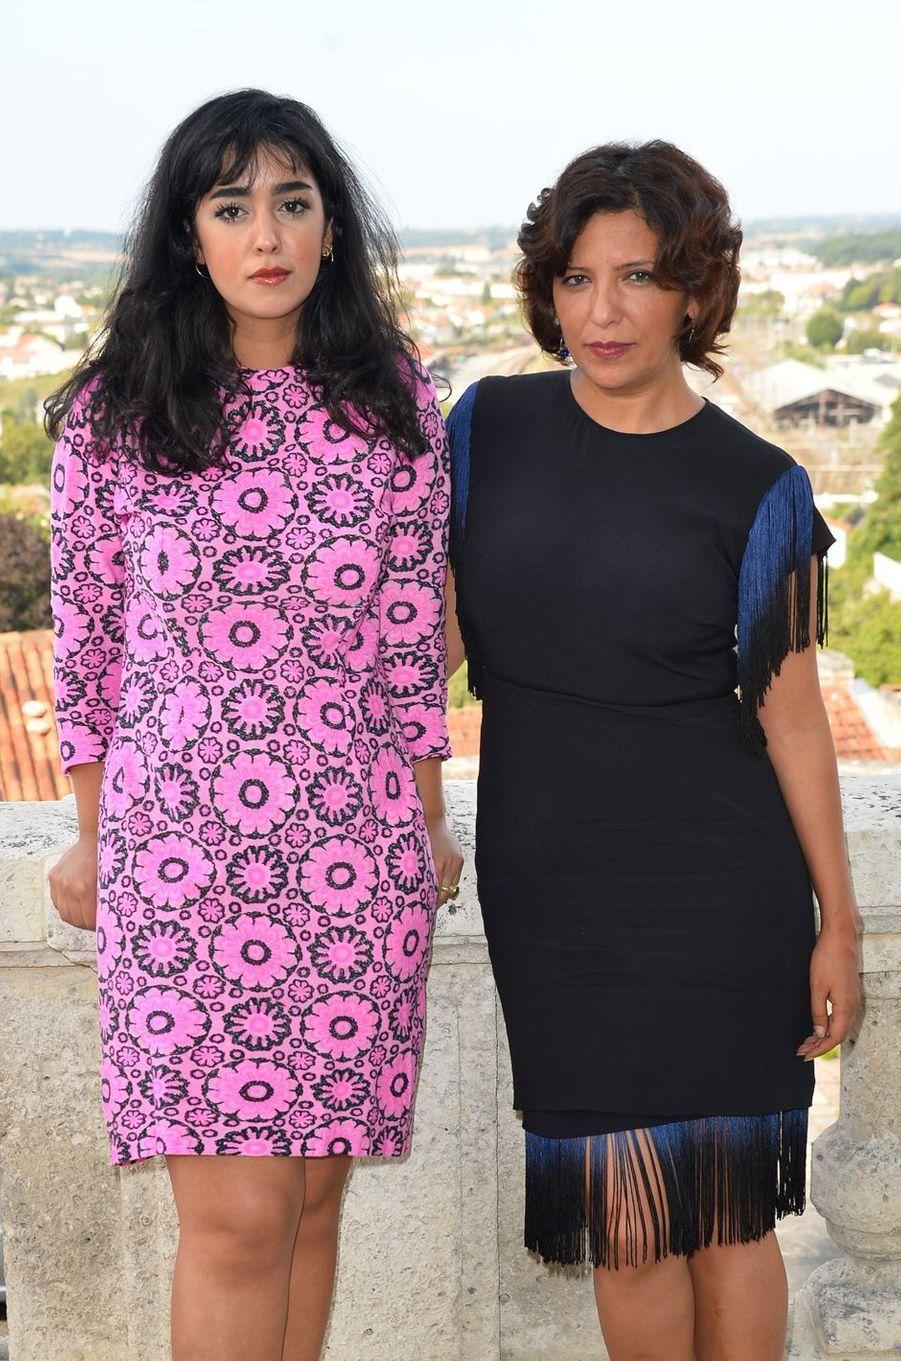 Mariam Al Ferjani et Kaouther Ben Haniaau festival du film francophone d'Angoulême, le 24 août 2017.